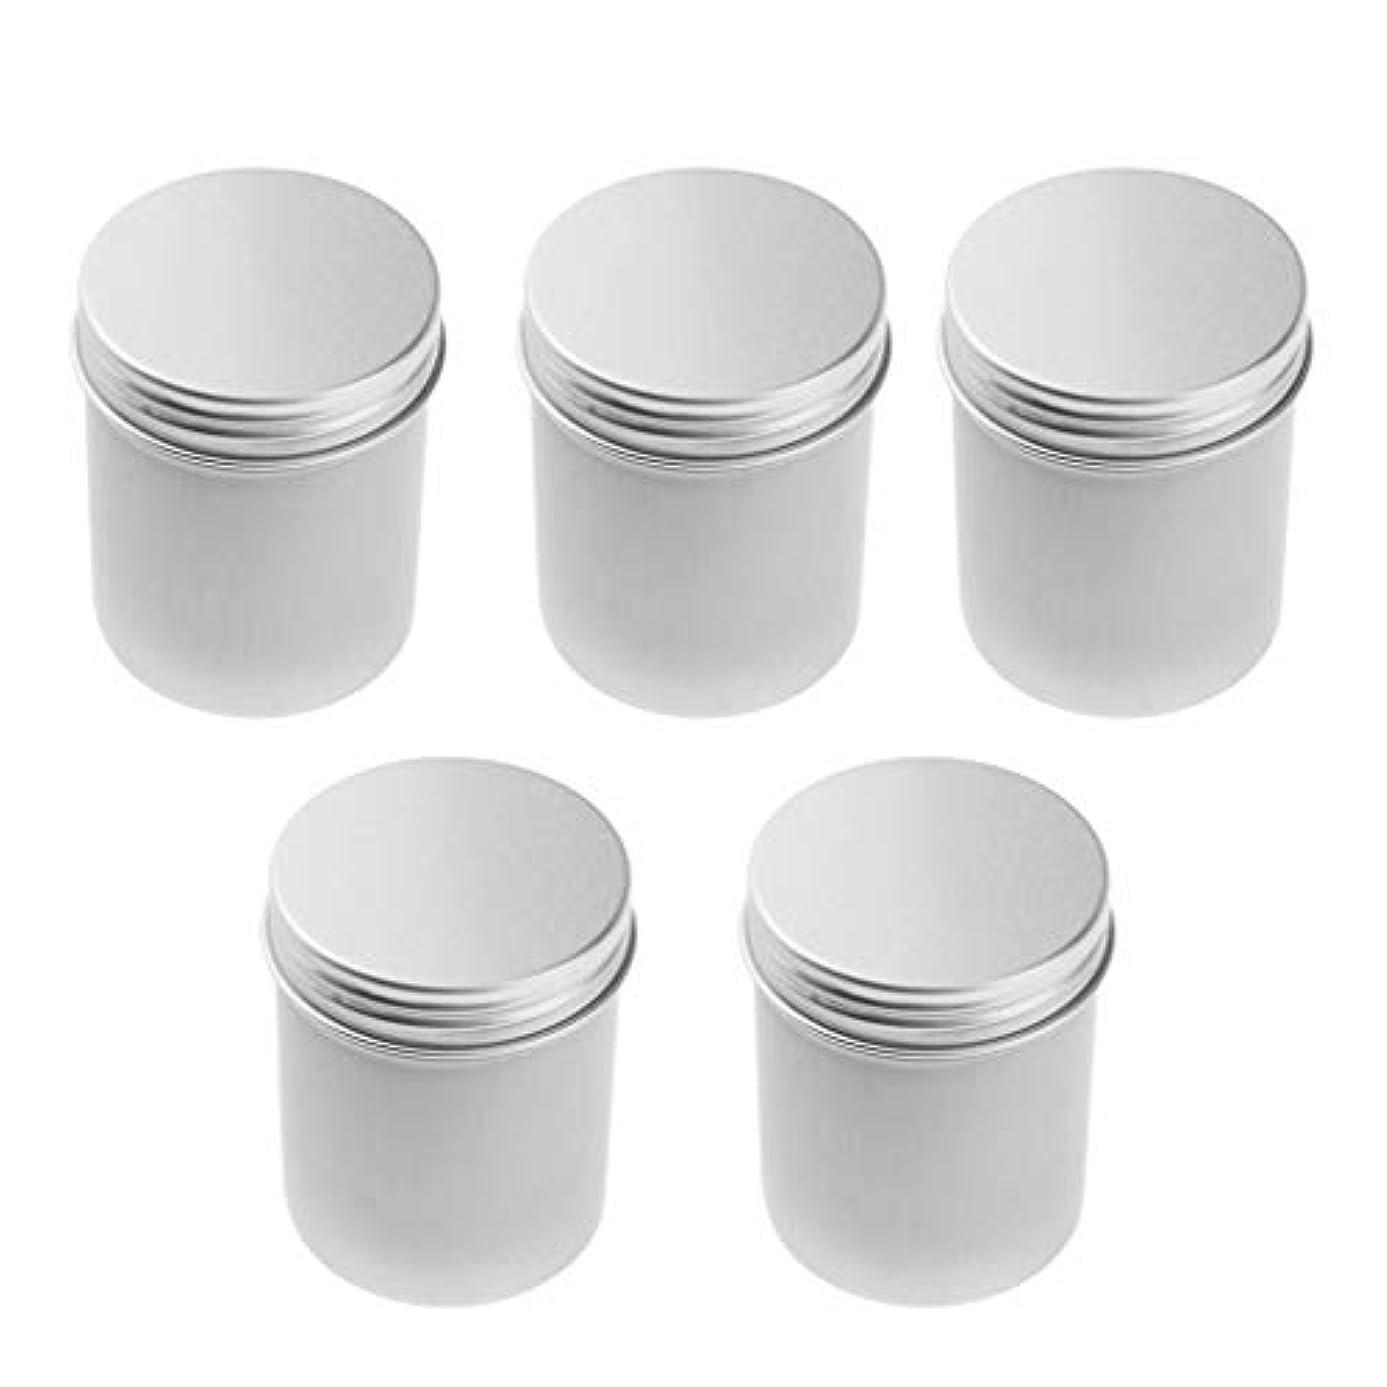 効果的アトミック側溝IPOTCH アルミ缶 ポット コスメ 化粧品 詰替え容器 缶 ネジ蓋 高級アルミ製 5本 80ミリリットル 汎用